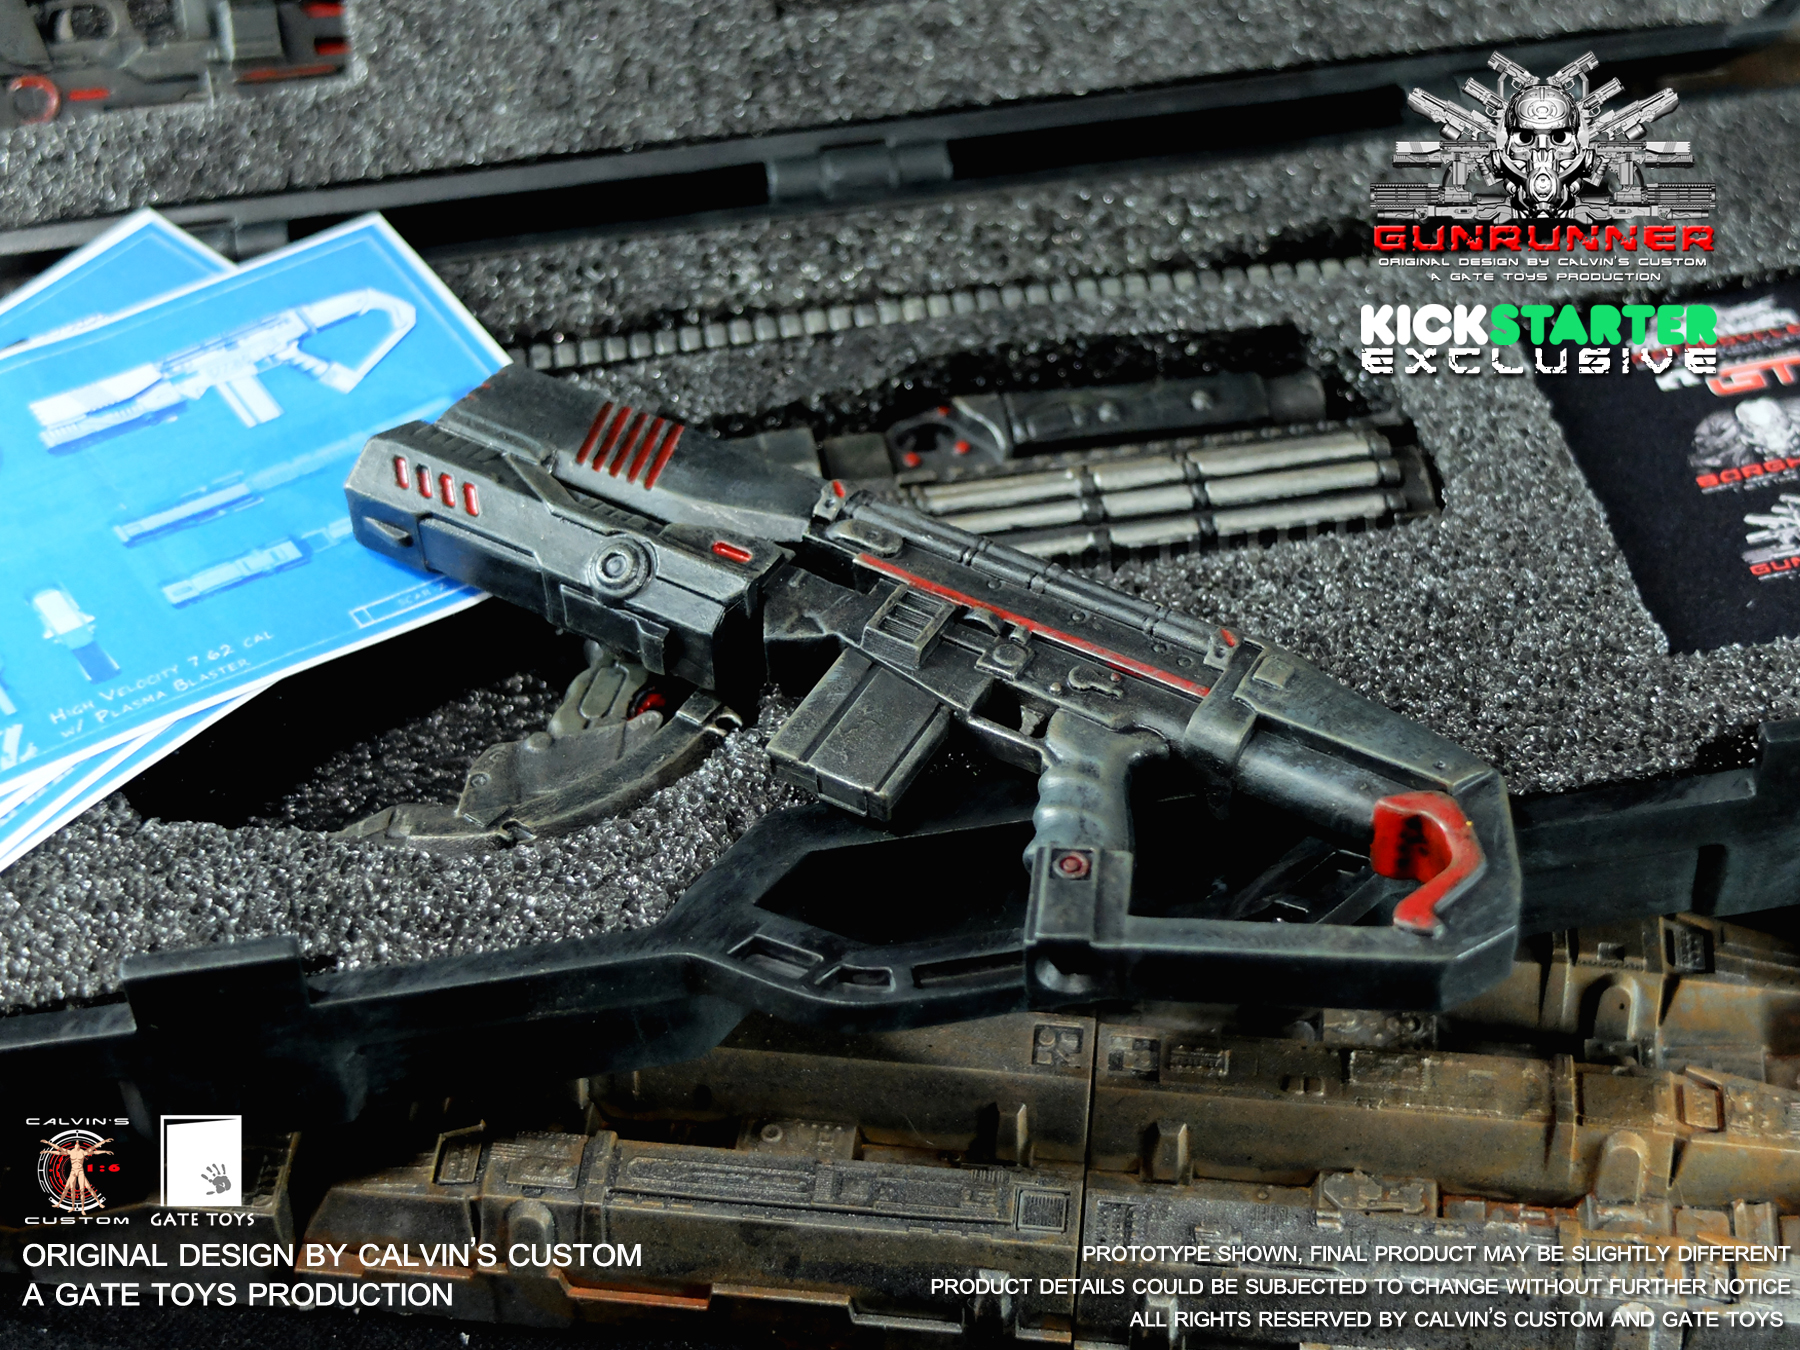 SCARZ - Black Ops Paint